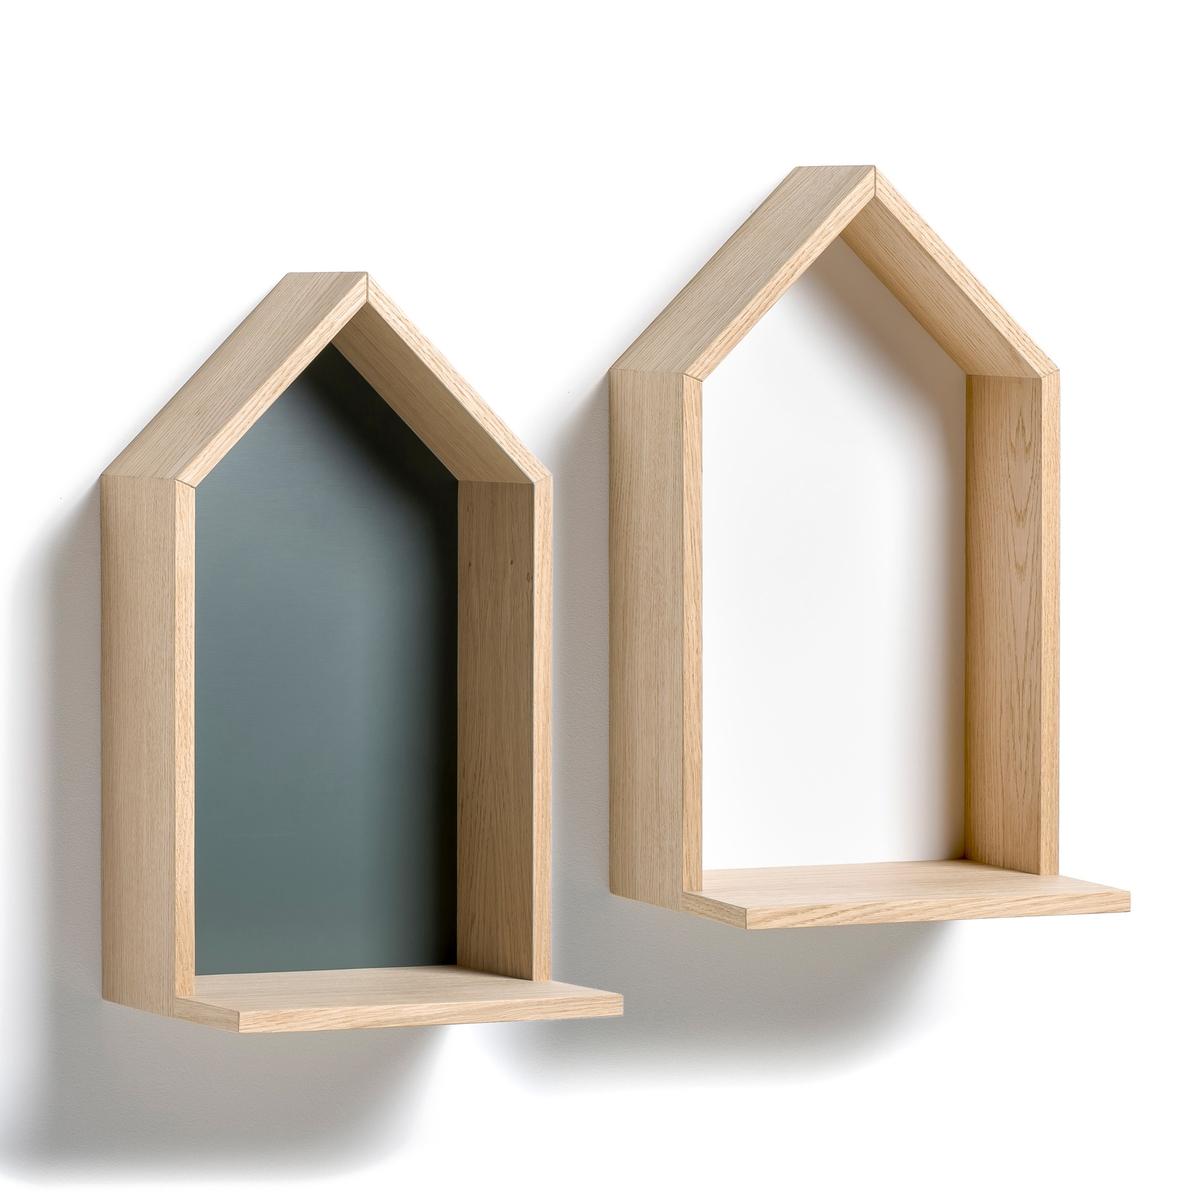 Полка Bosaka, средняя модель, В.45 смПолка в форме домика, навесная . Характеристики :- Из МДФ, покрытого дубовым шпоном, боковые стороны из ДСП, покрытой дубовым шпоном, дно из окрашенного МДФ. - 2 пластины для крепления на стену (саморезы и дюбели продаются отдельно). Размеры  :-  Ш.25 x В.45 x Г.22 см.<br><br>Цвет: серый<br>Размер: единый размер